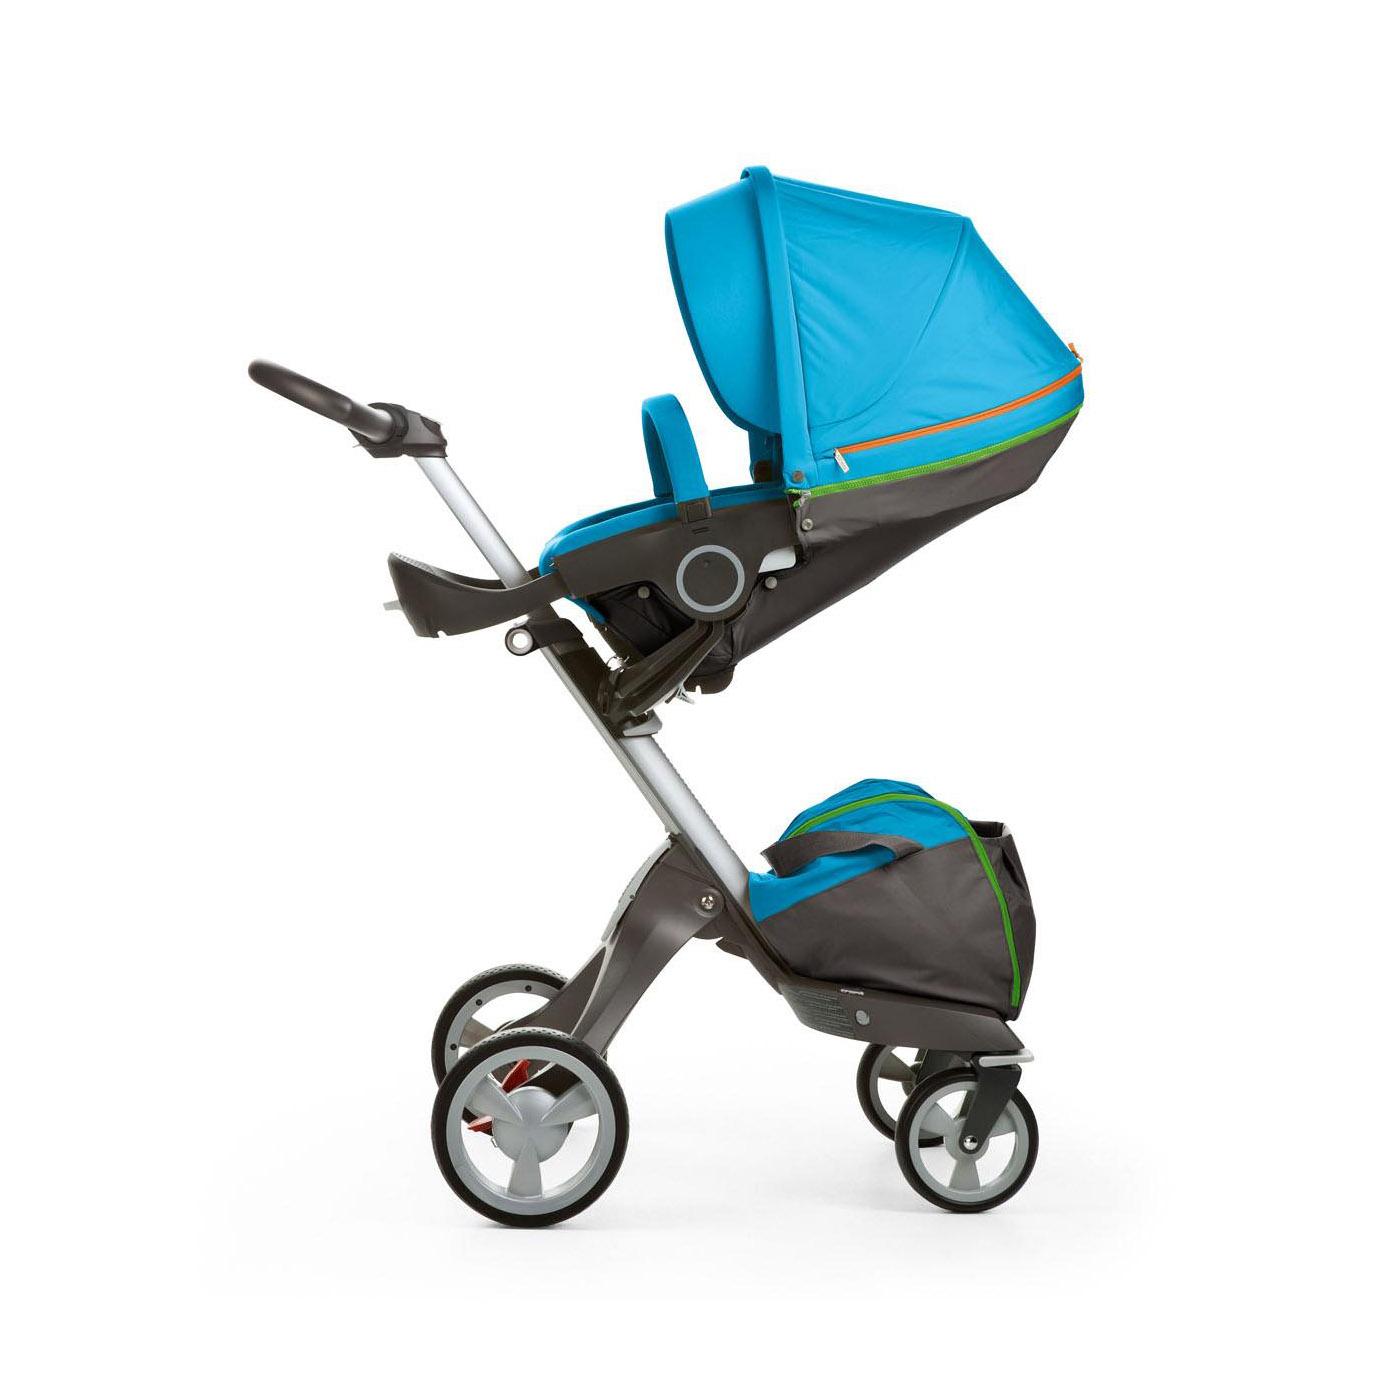 Stokke XPLORY V4 Baby Stroller in URBAN BLUE